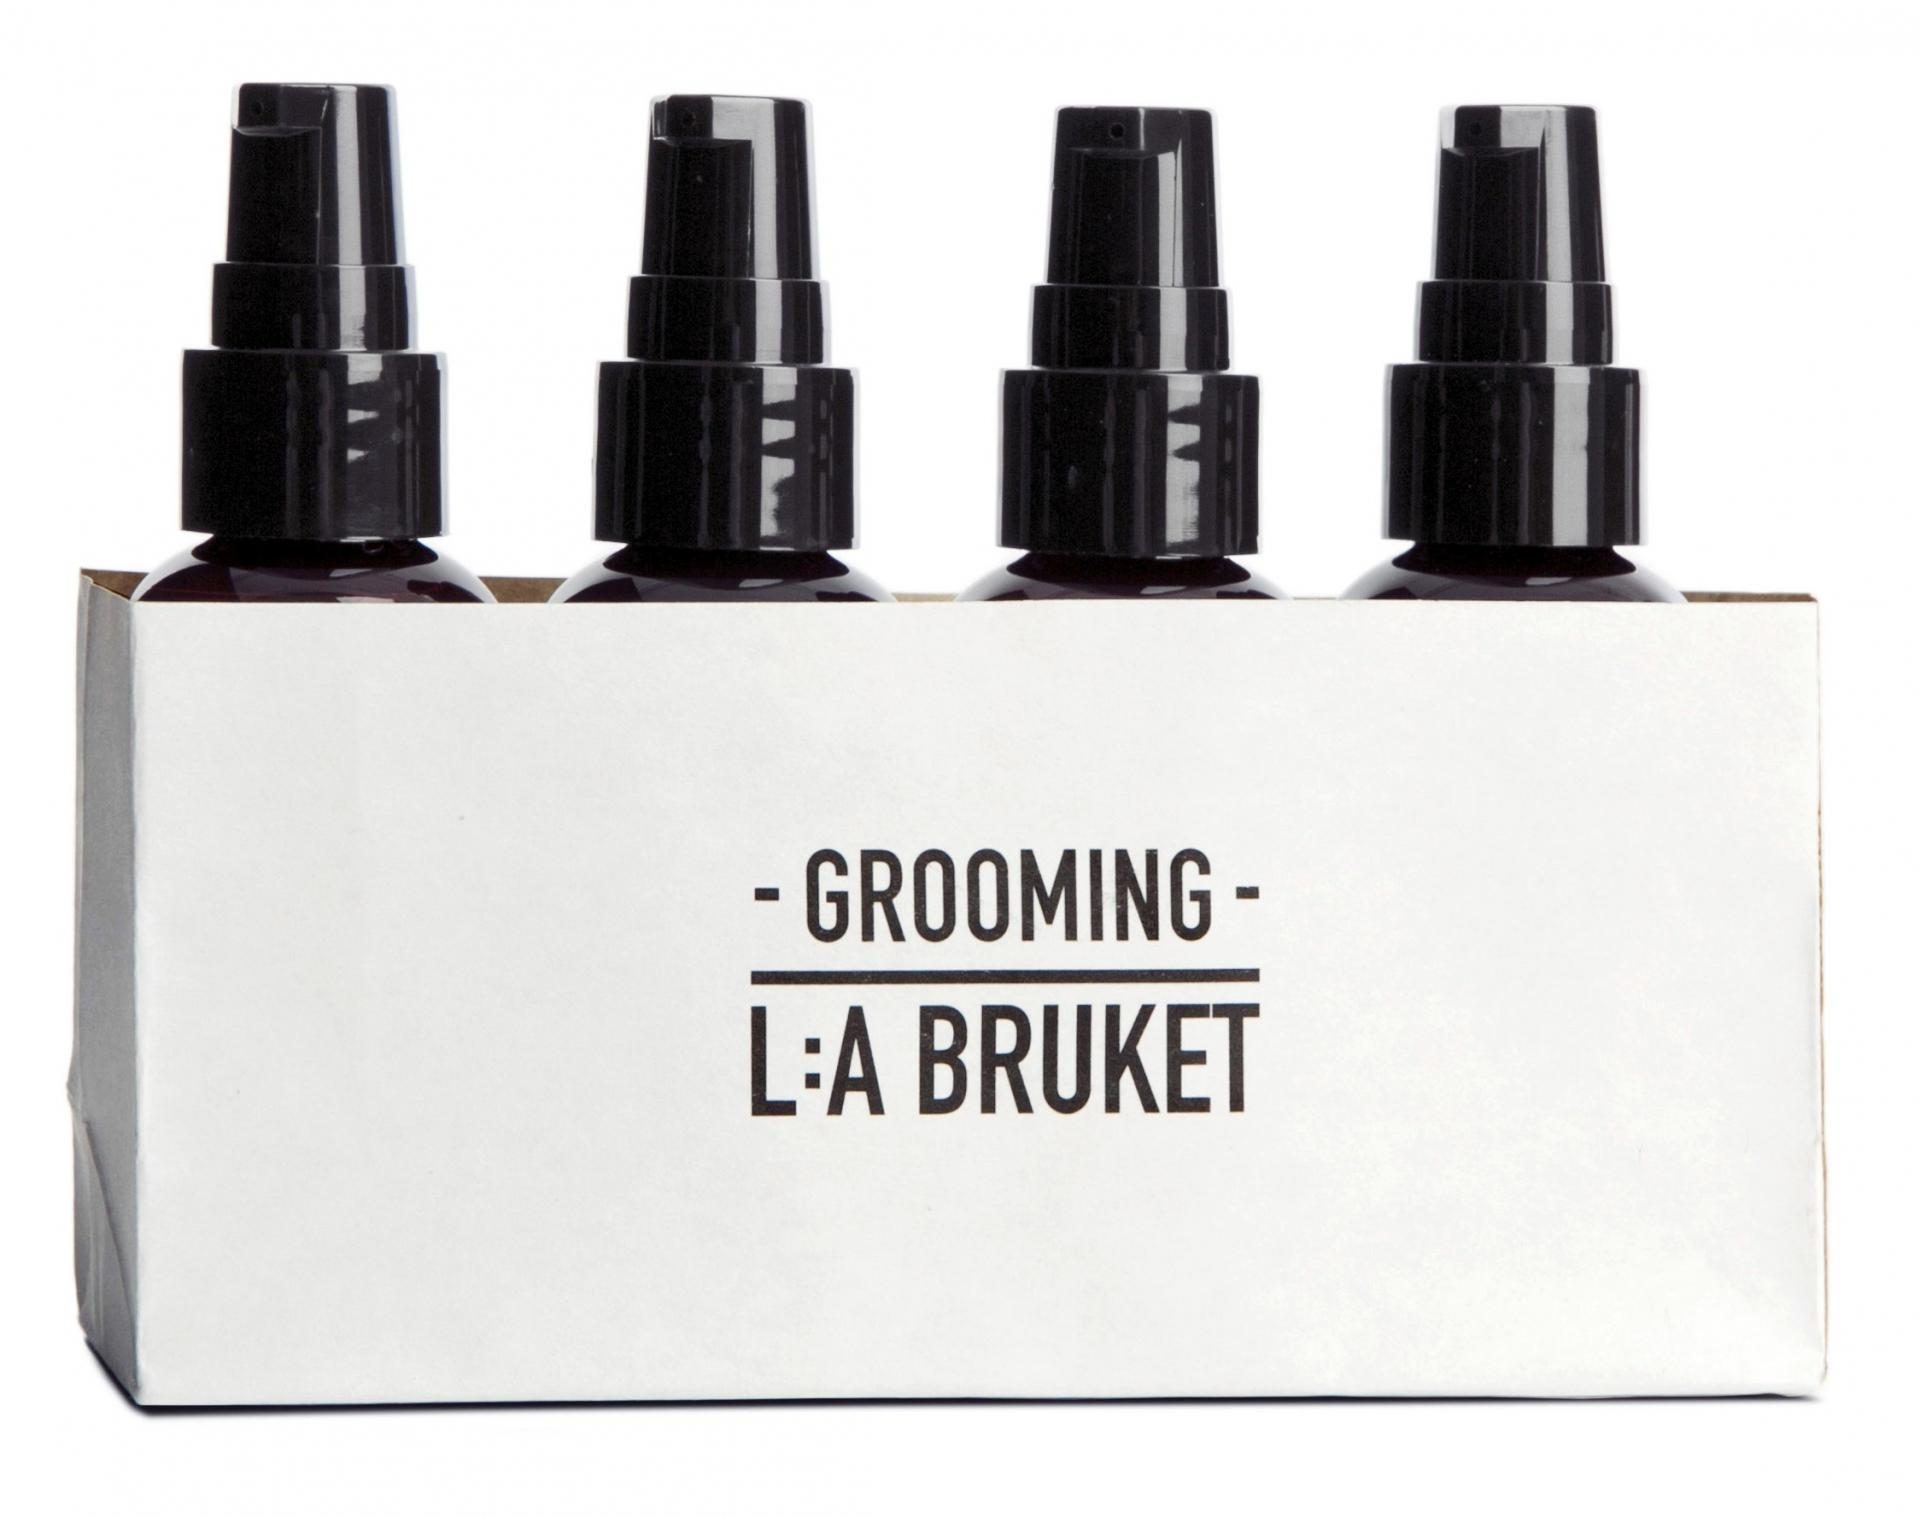 L:A BRUKET Cestovní kosmetický mini set pro muže - 4 ks, hnědá barva, plast